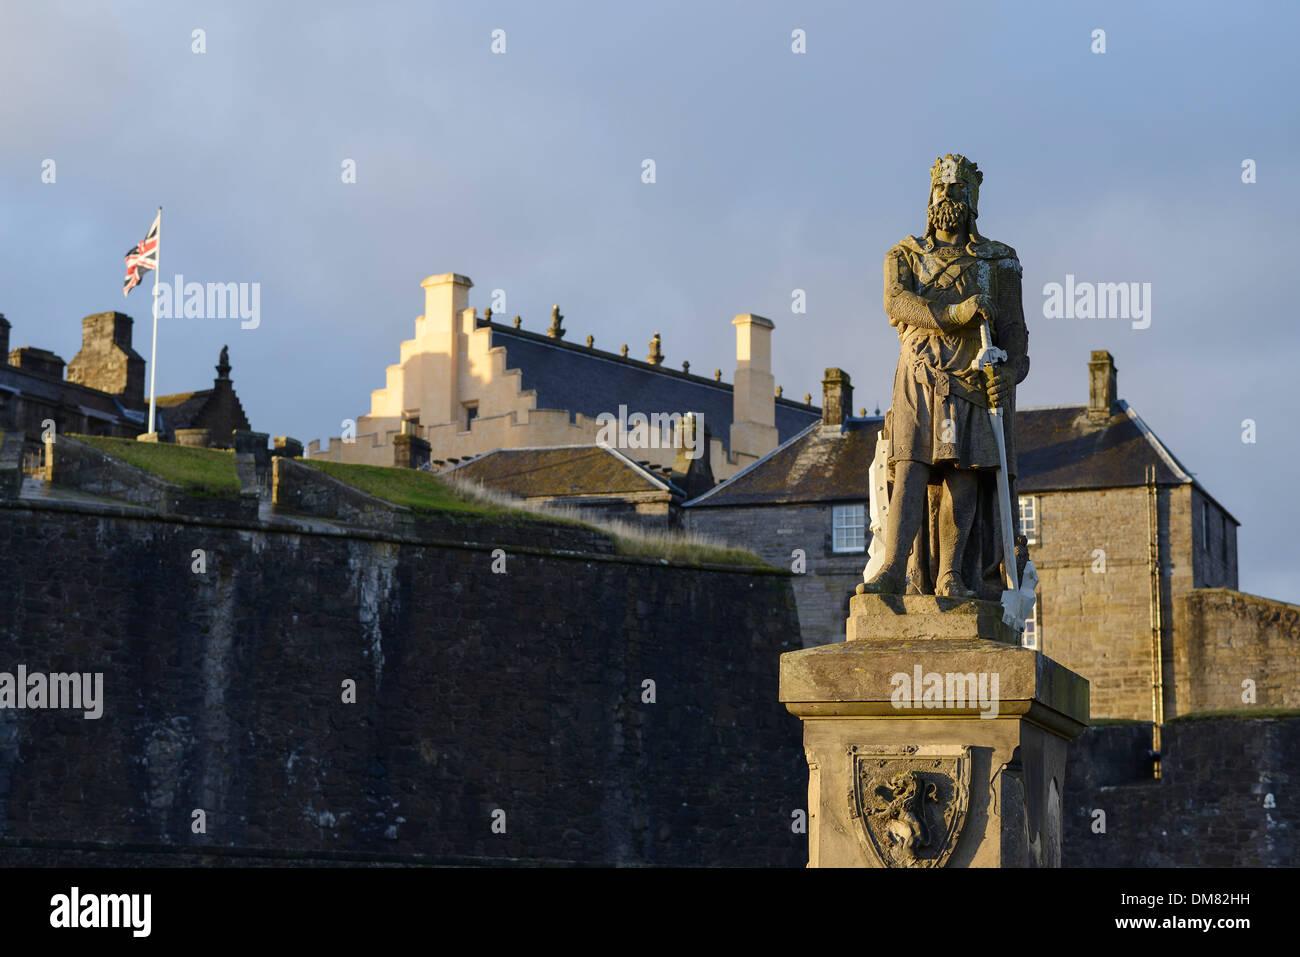 Estatua de Robert Bruce fuera del castillo de Stirling en Escocia Foto de stock